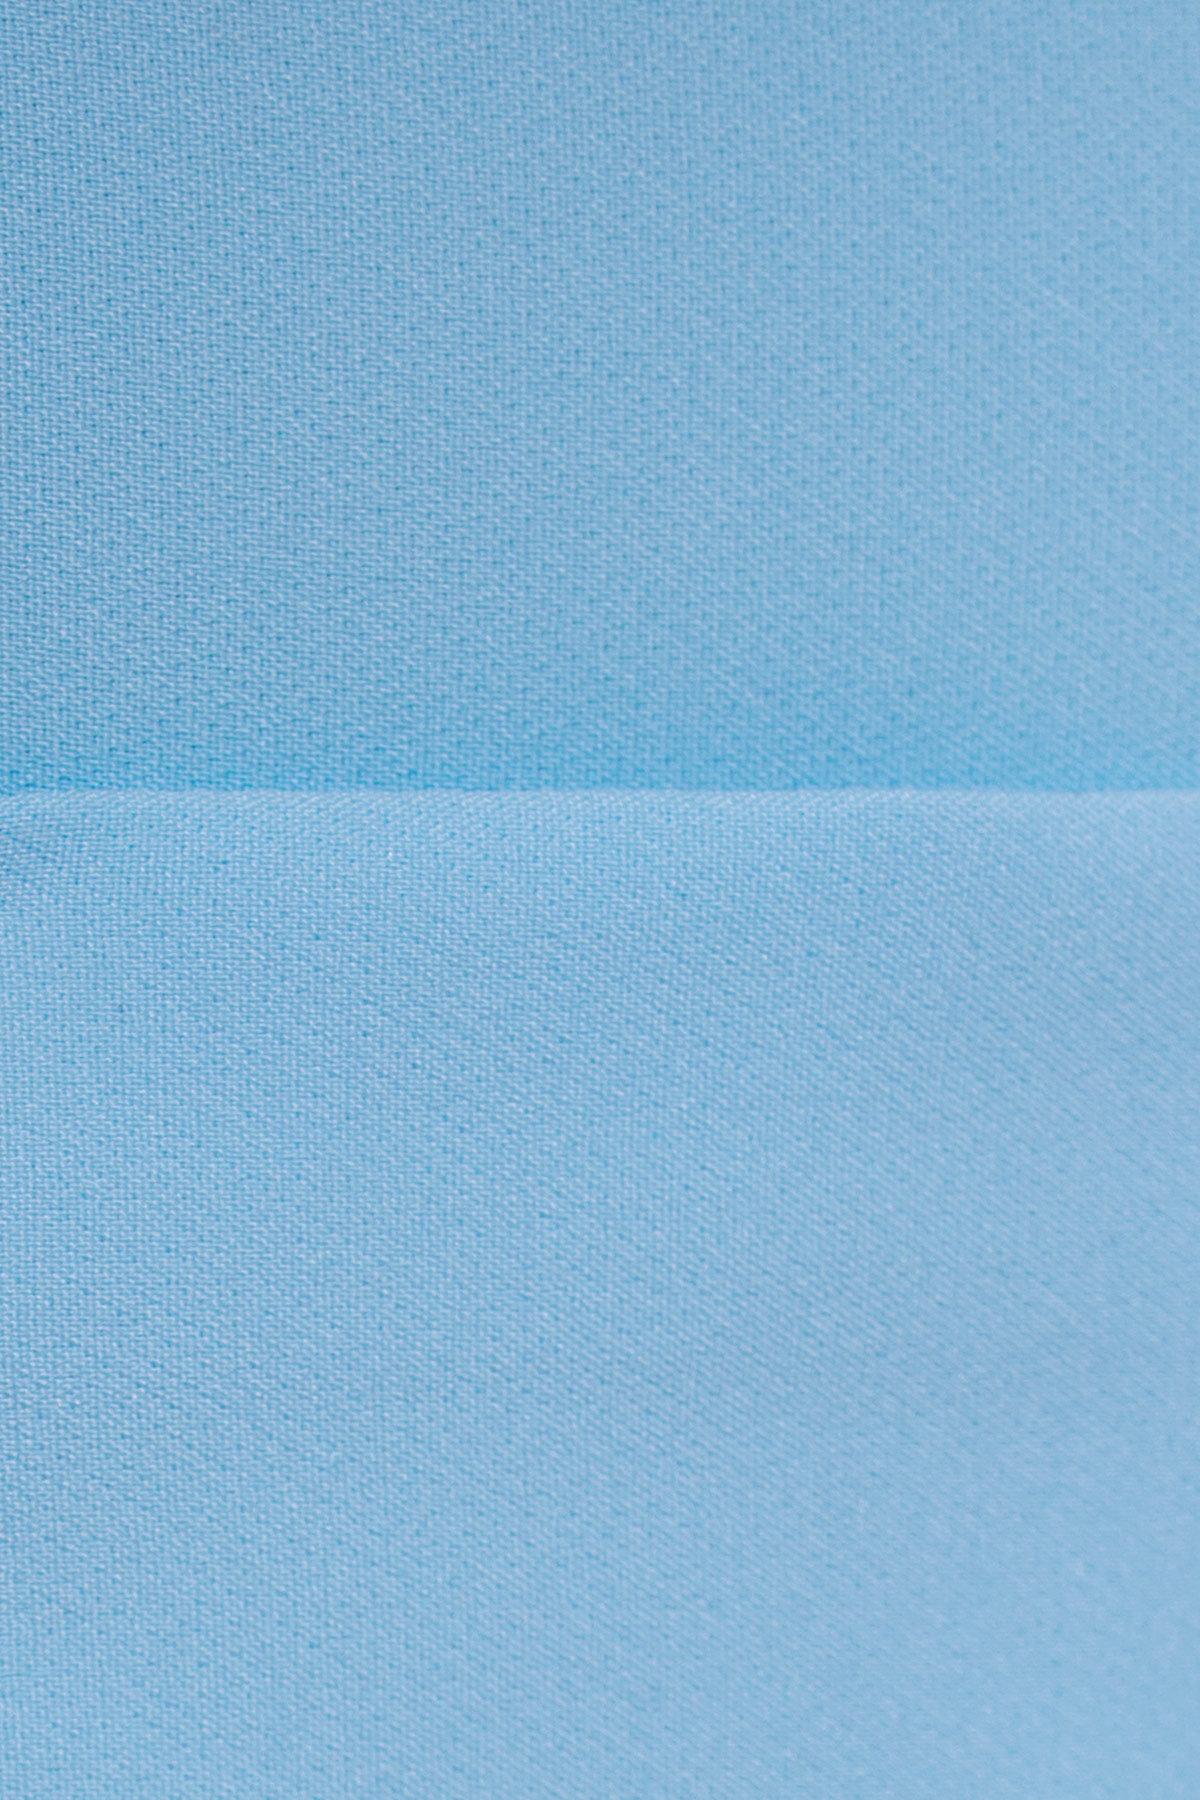 Юбка Рона 2762 АРТ. 15173 Цвет: Голубой - фото 4, интернет магазин tm-modus.ru